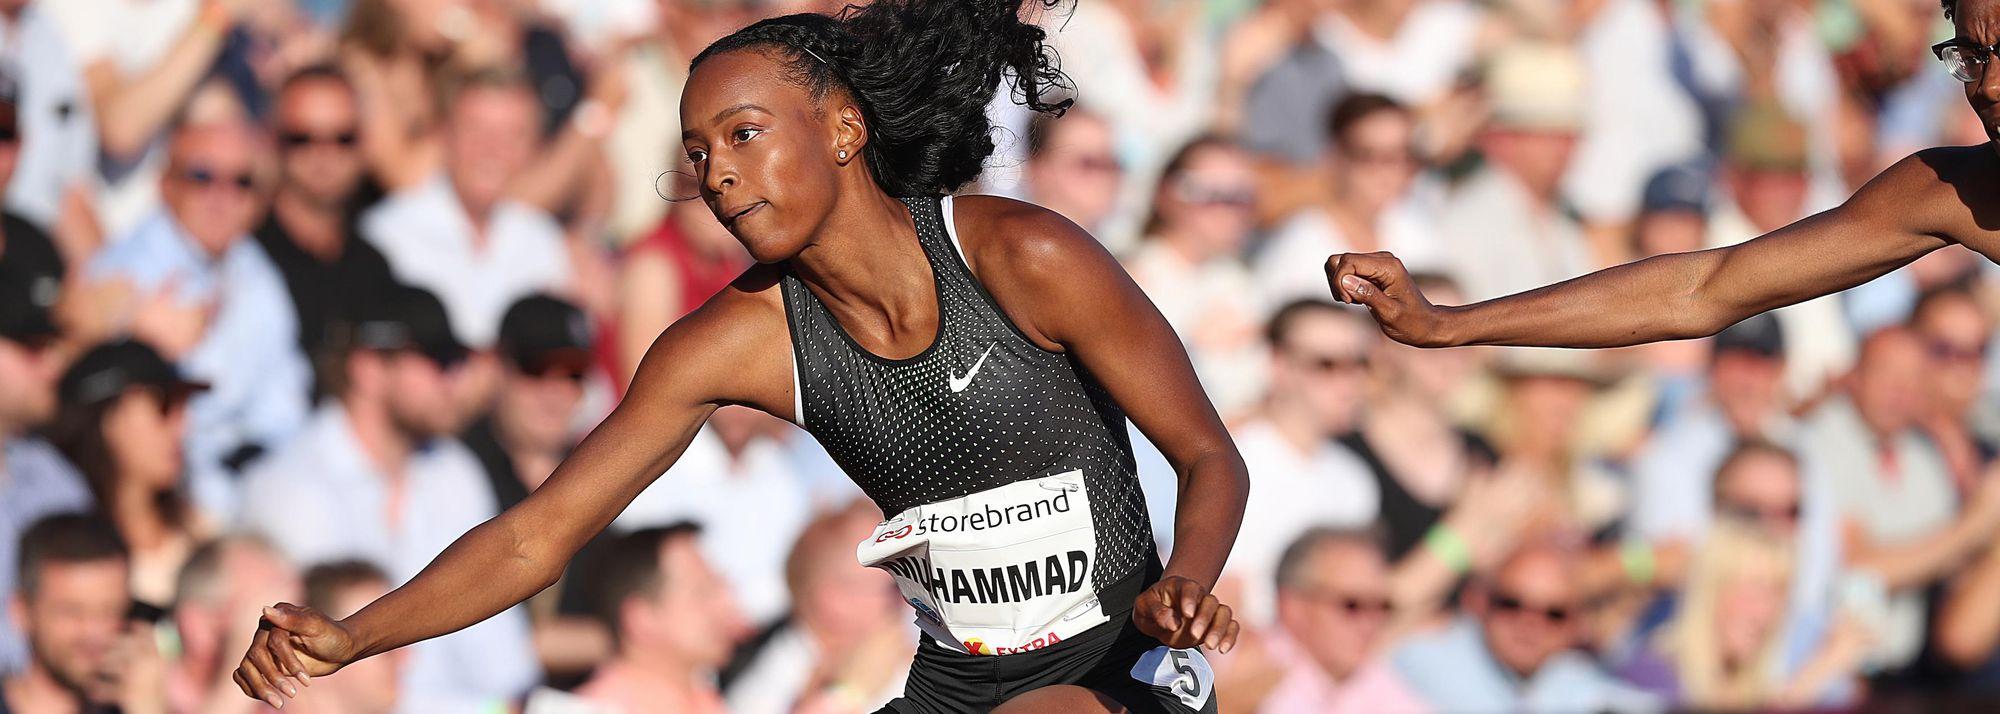 Dina Asher-Smith vs Sha'Carri Richardson over 200m, plus Dalilah Muhammad vs Femke Bol at 400m hurdles